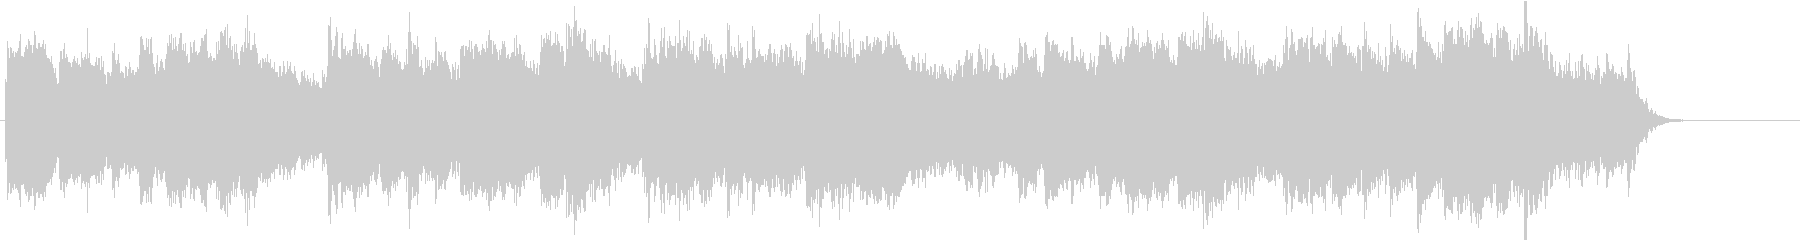 「こいのぼり」のオーケストラ風カバーの未再生の波形